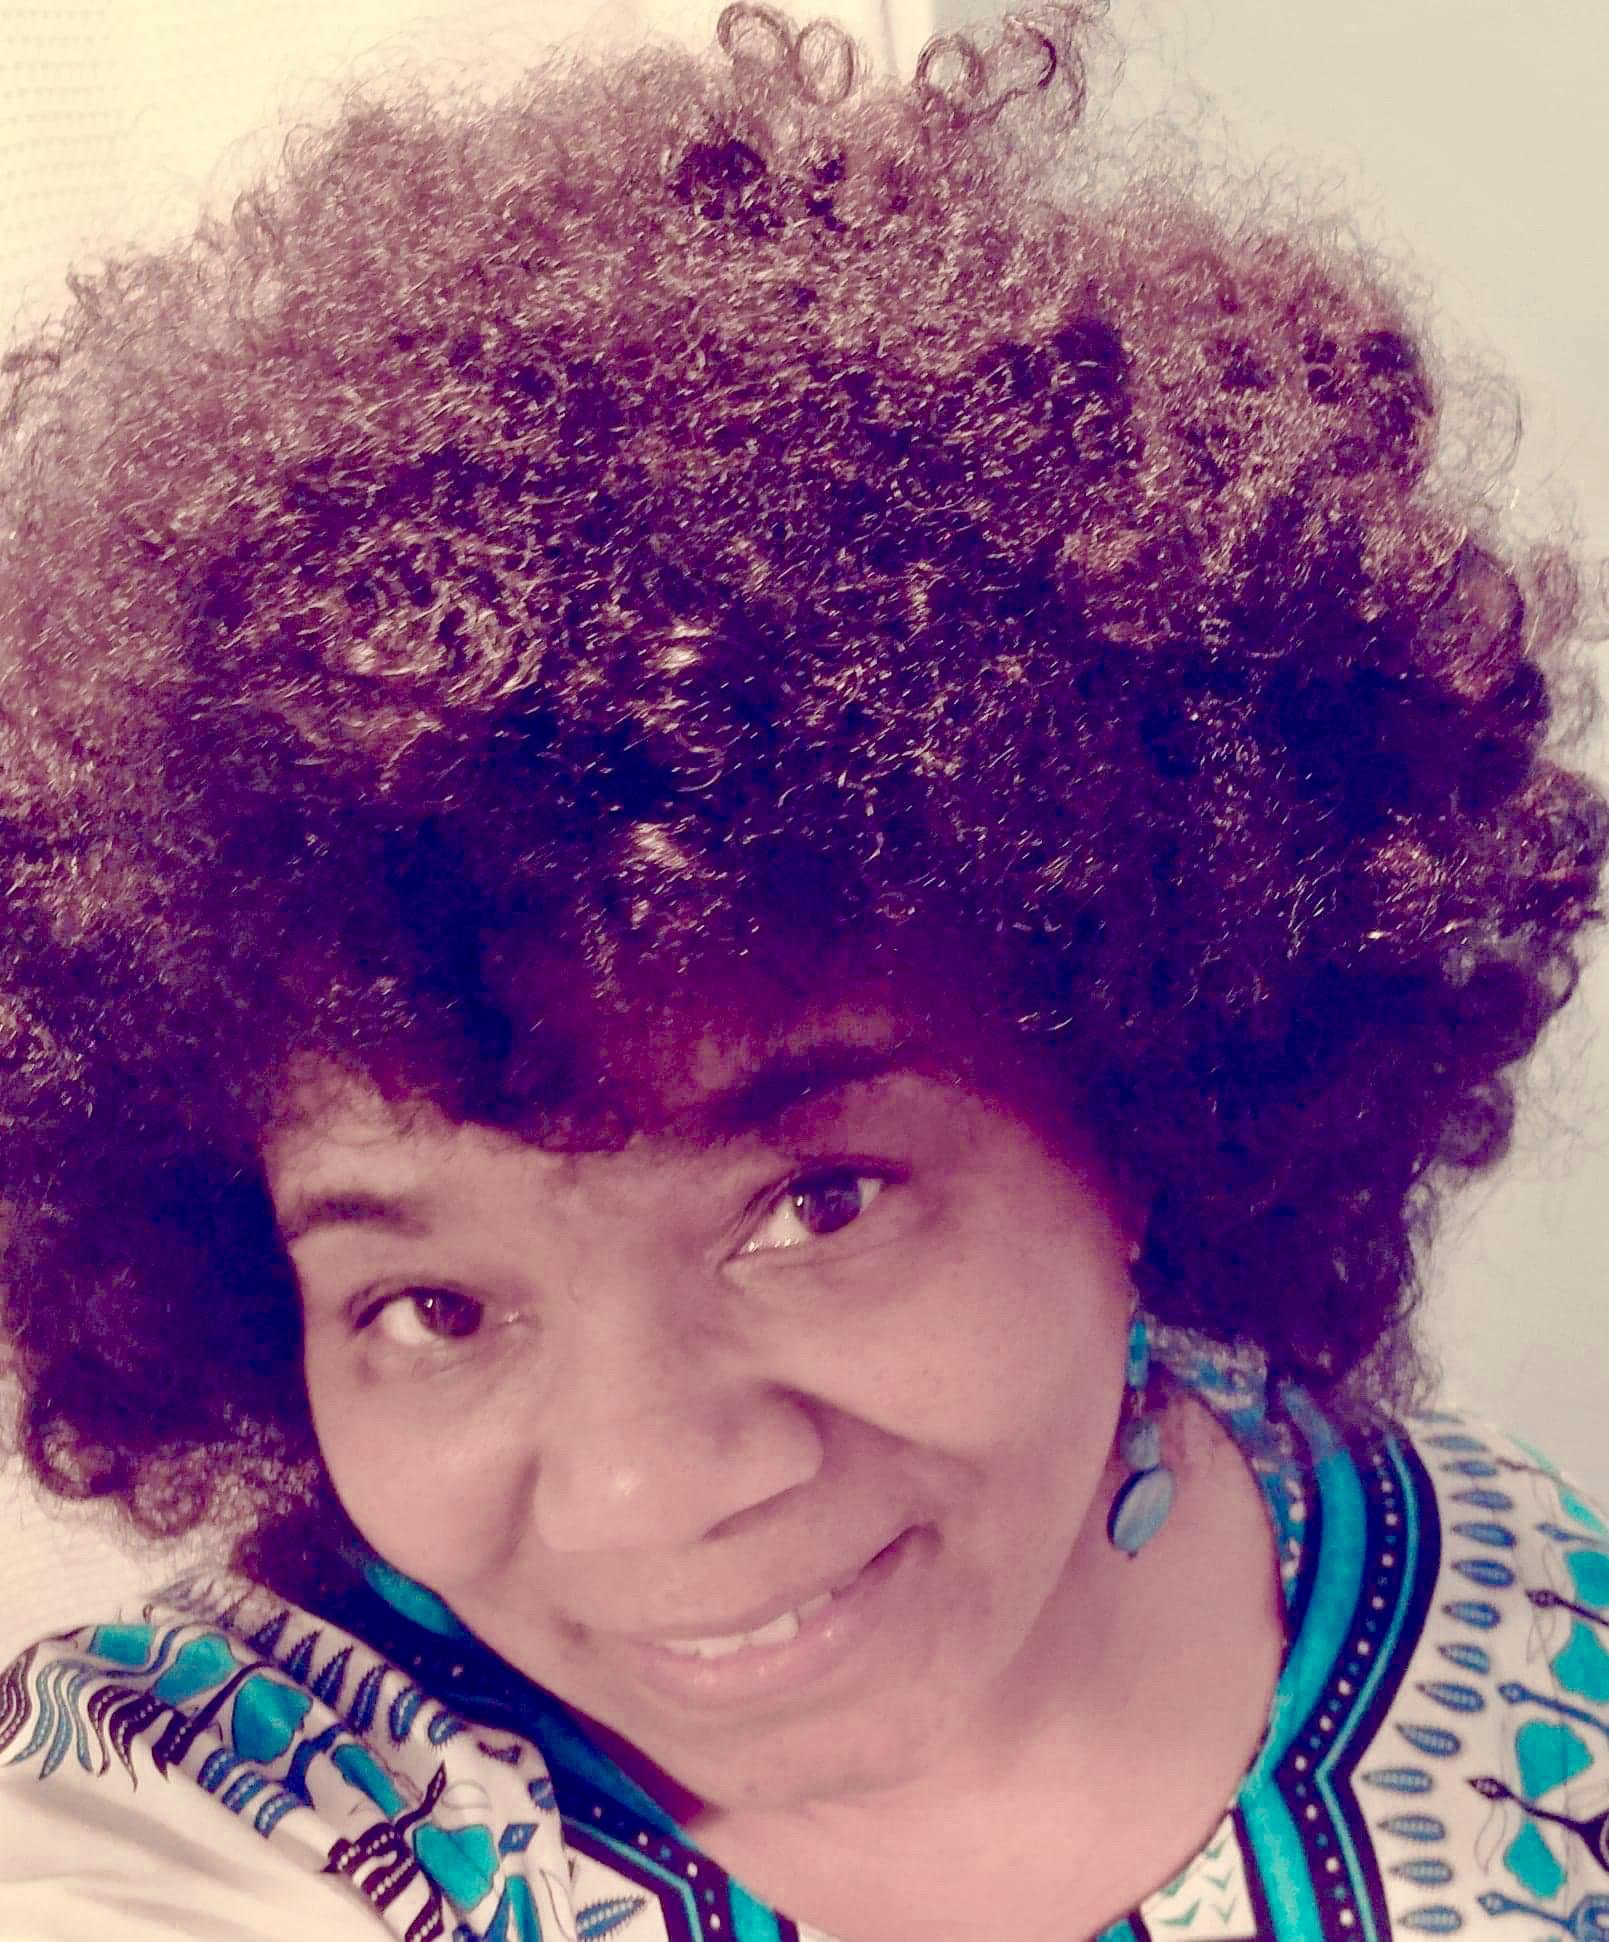 Rosalind, Shifaye Skin & Haircare